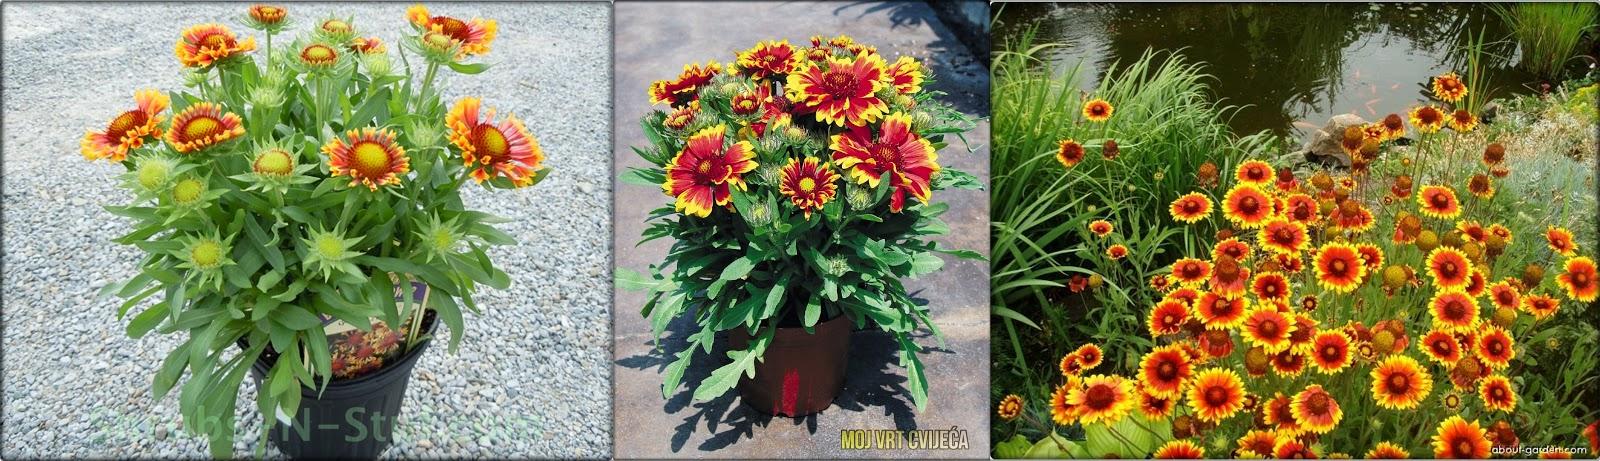 Gaillardia – cvijeće koje cvjeta cijelo ljeto - Moj Vrt Cvijeća